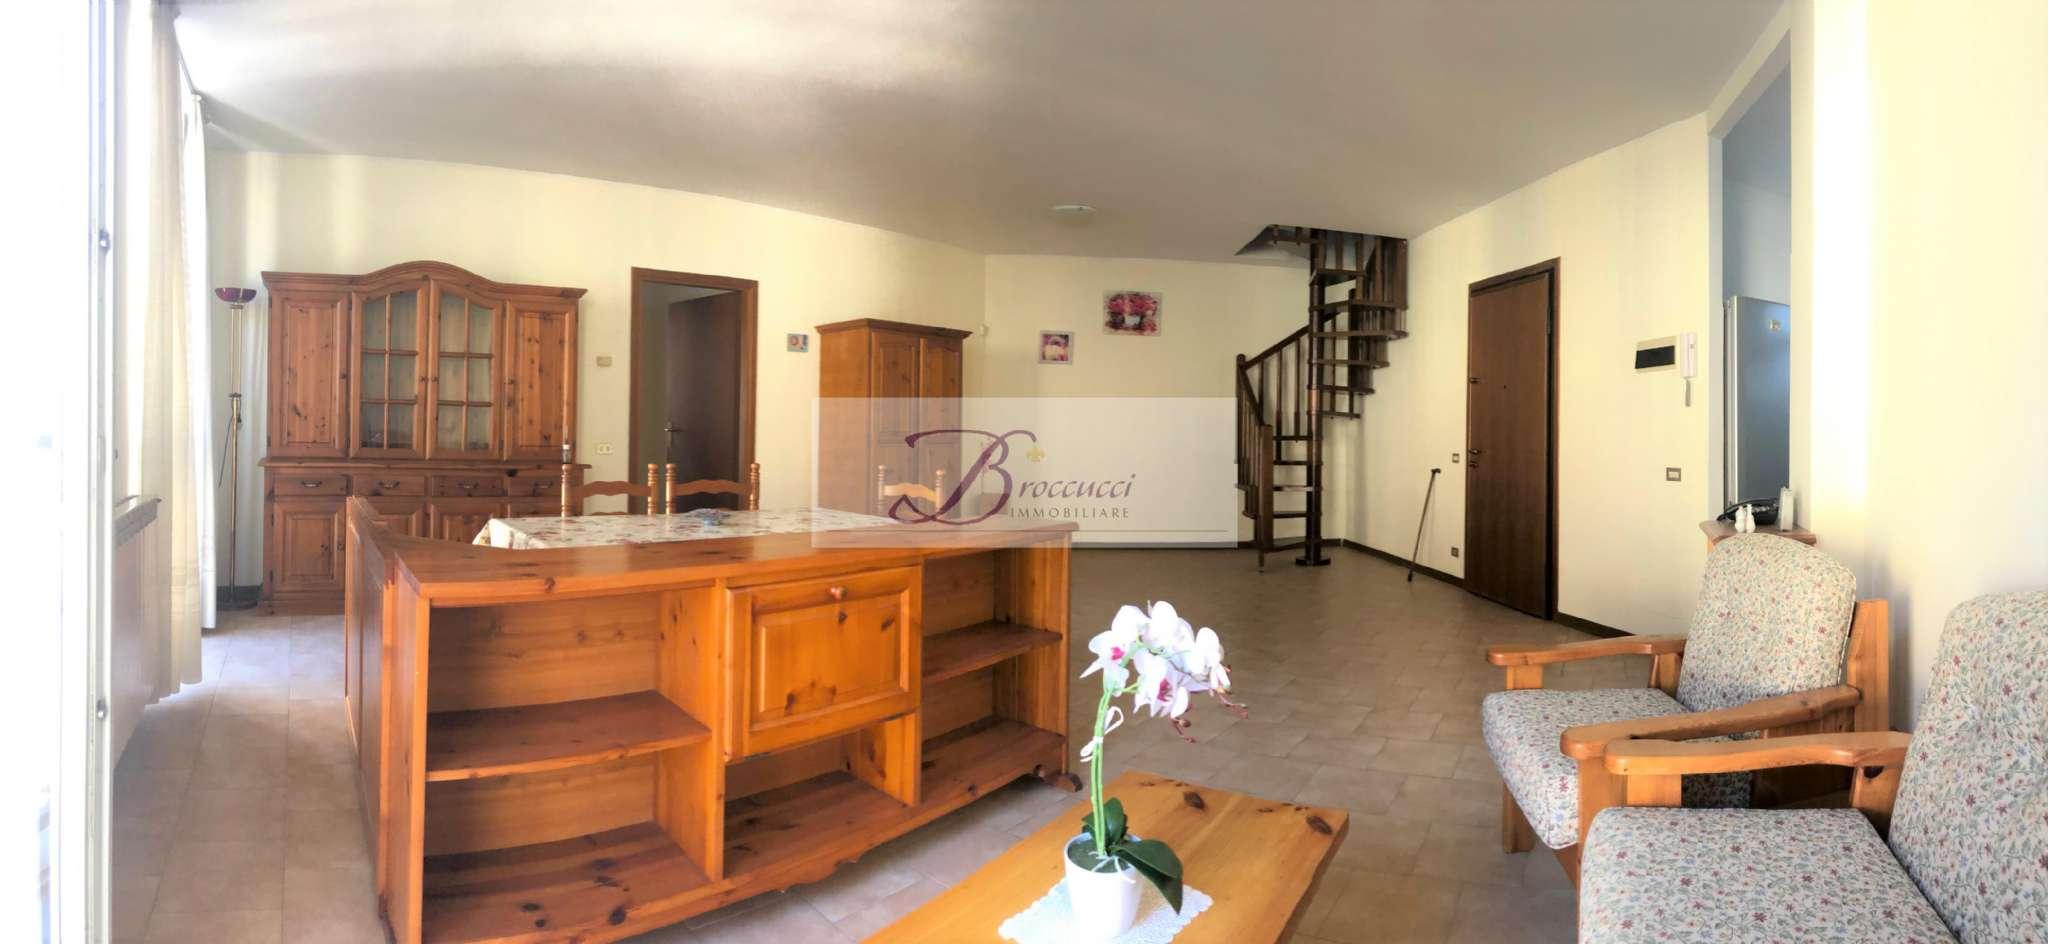 Appartamento in buone condizioni in vendita Rif. 8831174